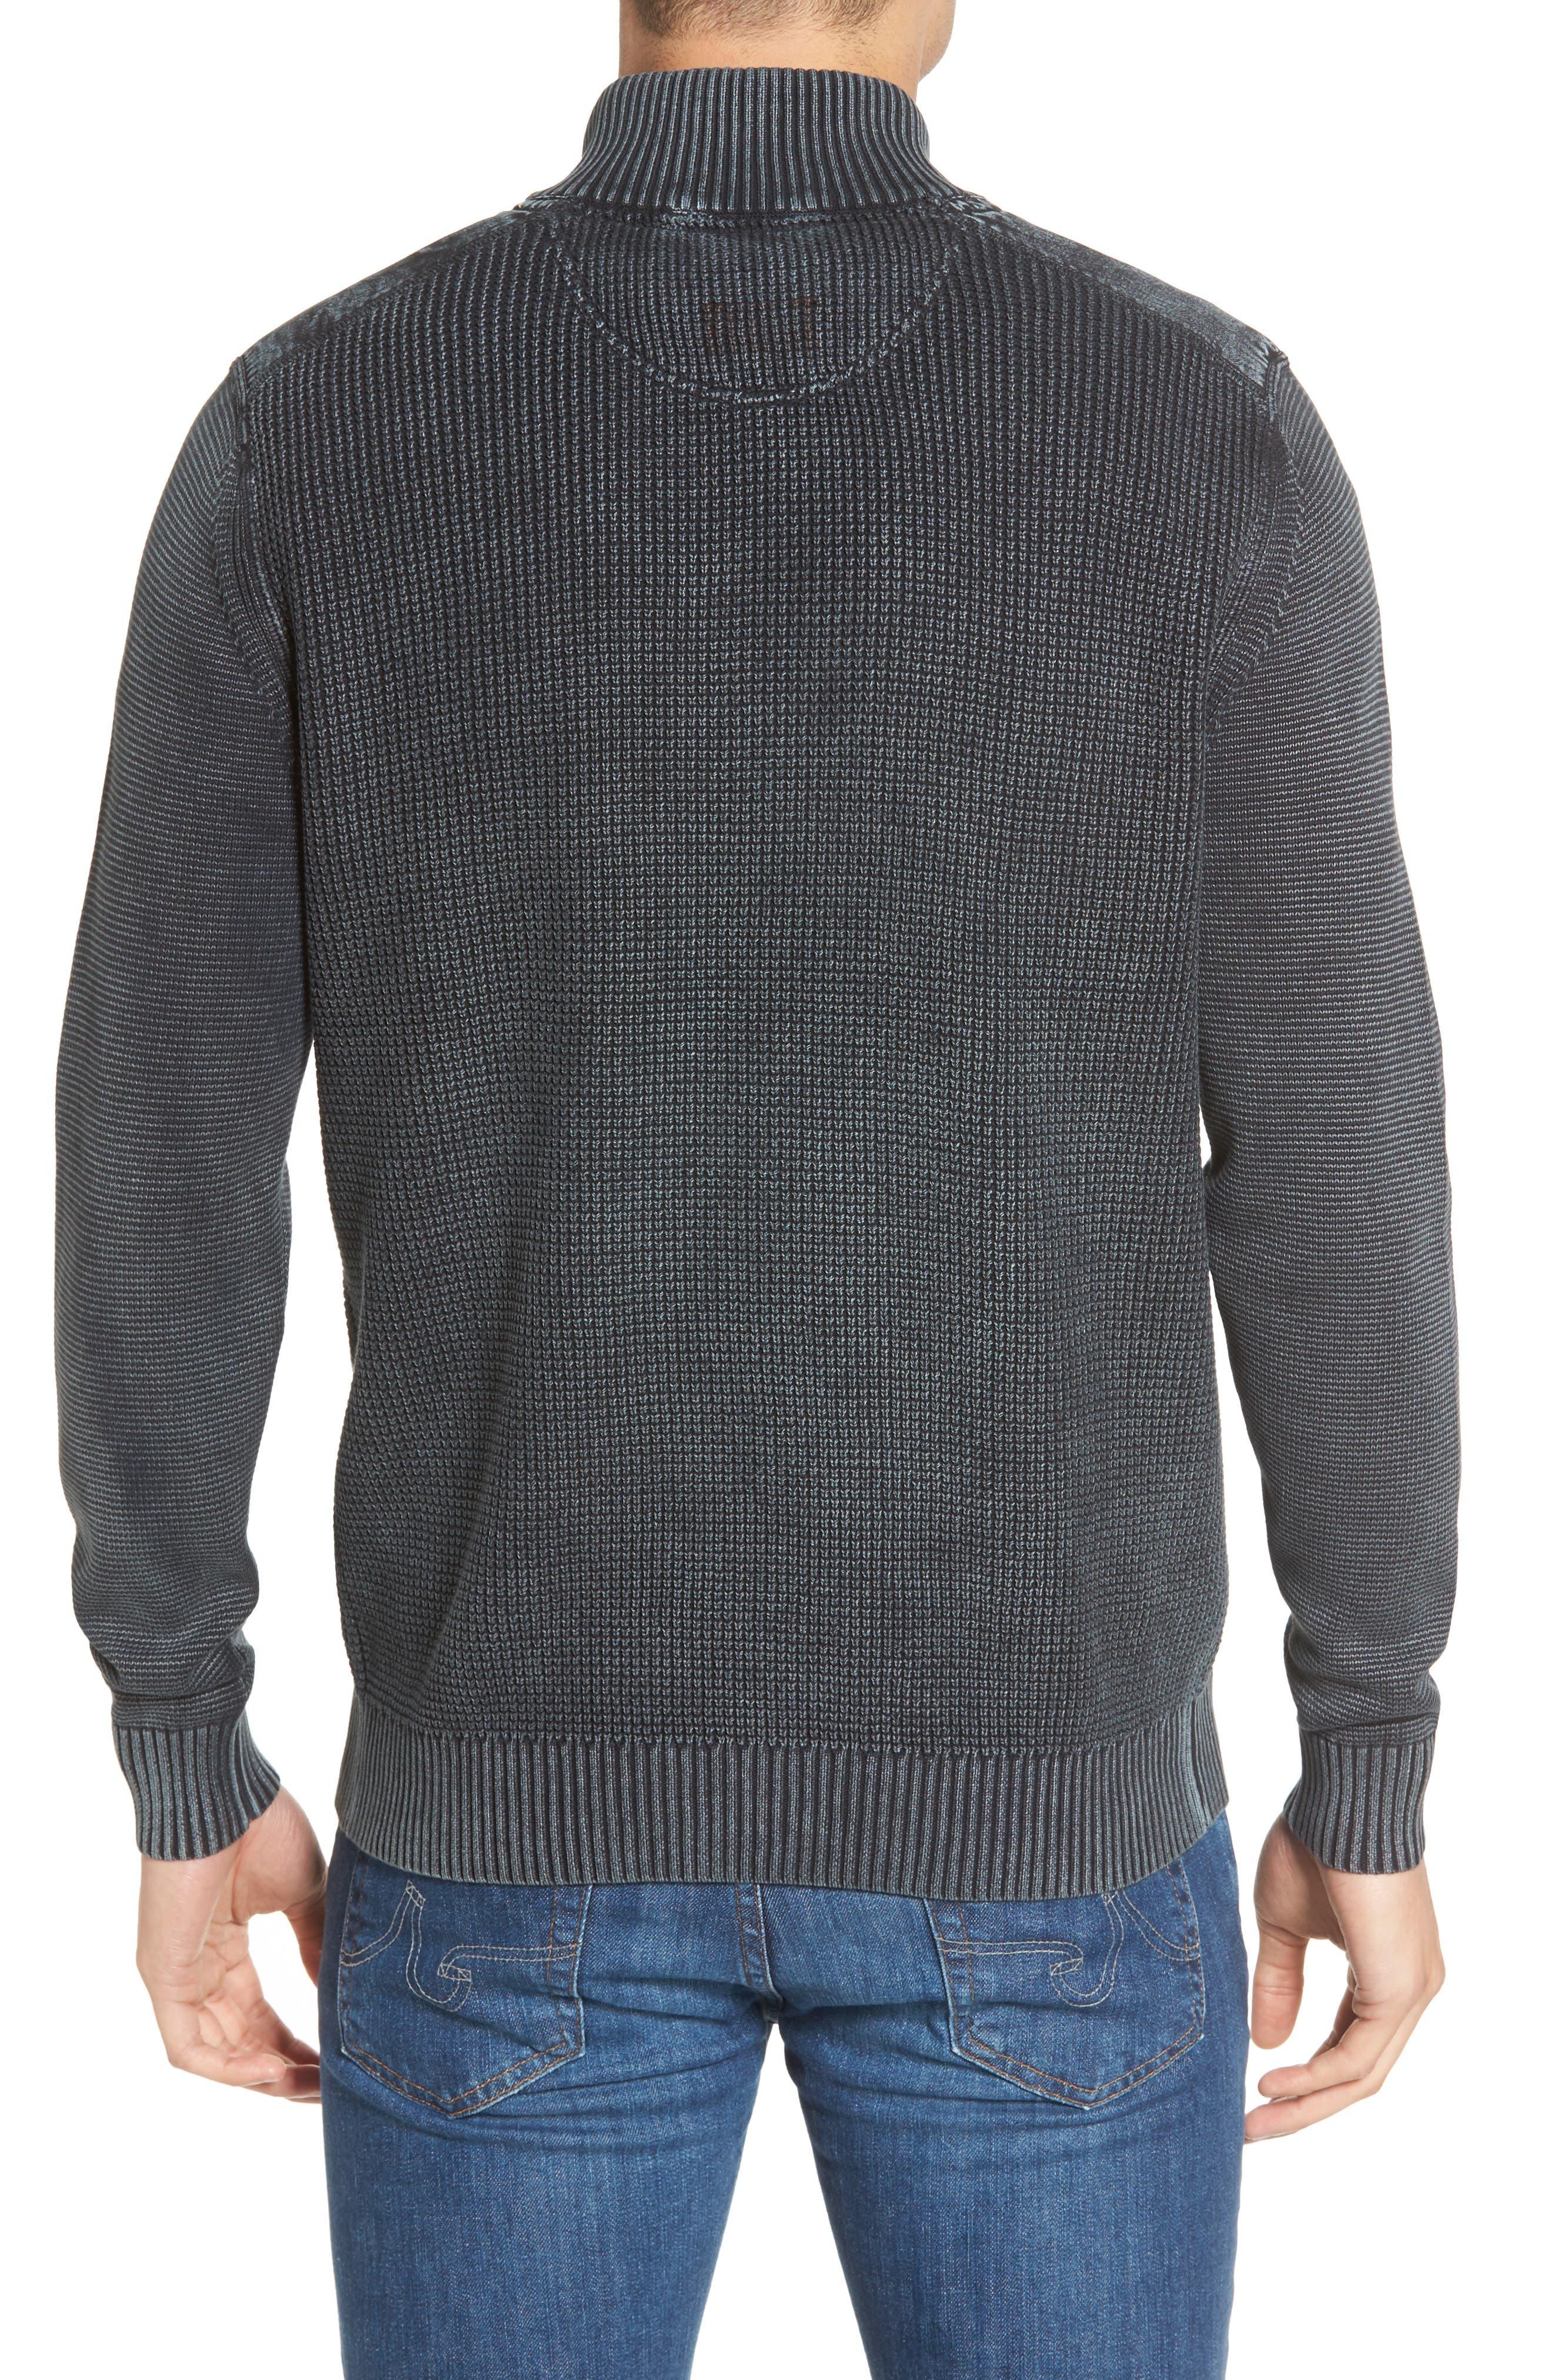 Alternate Image 2  - Tommy Bahama Coastal Shores Quarter Zip Sweater